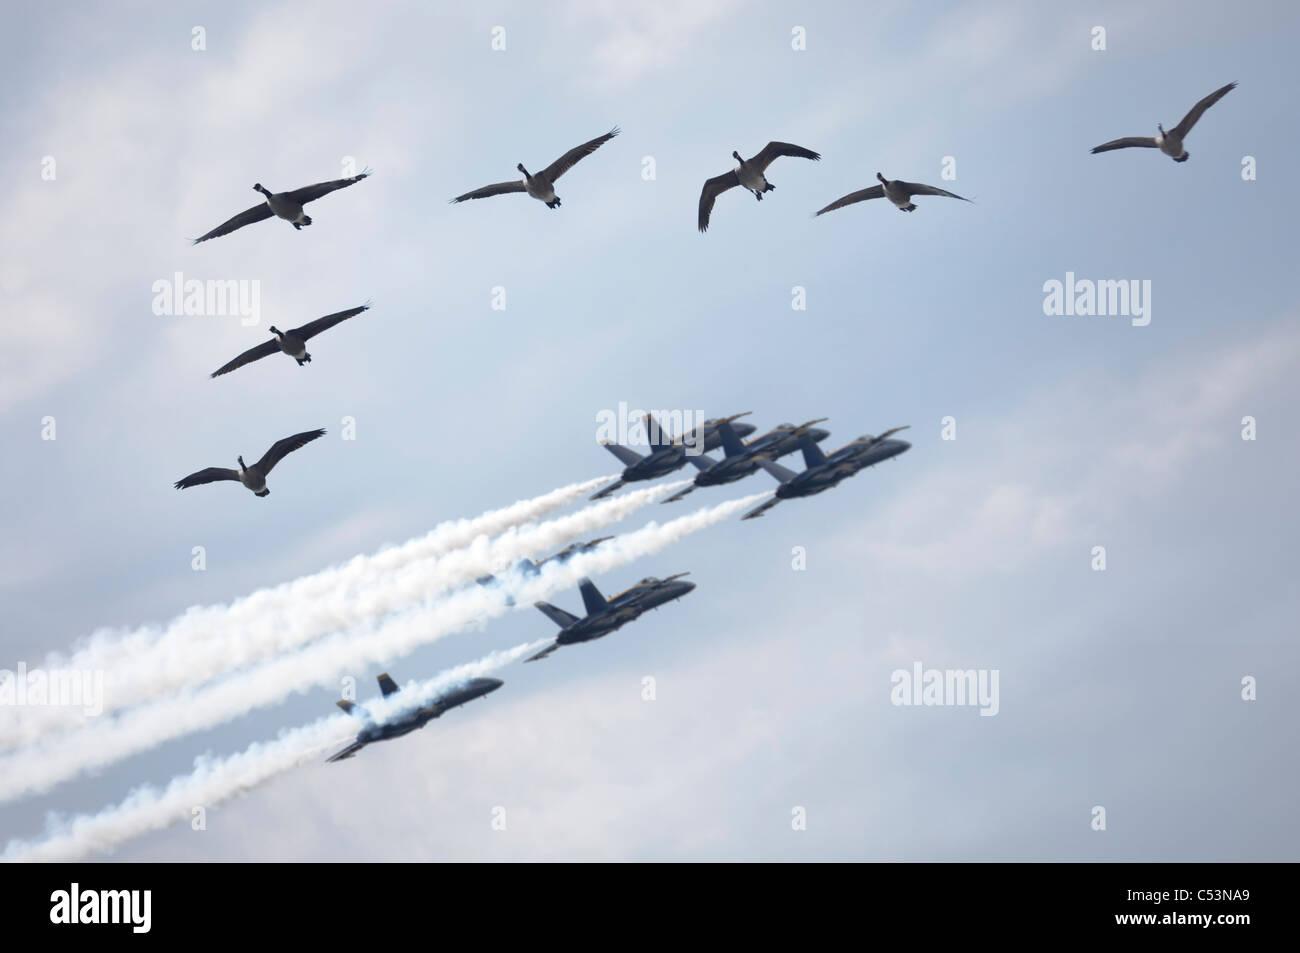 Herde von Kanadagänse und eine Bildung von Jet-Flugzeuge fliegen von der Airshow in Stockbild